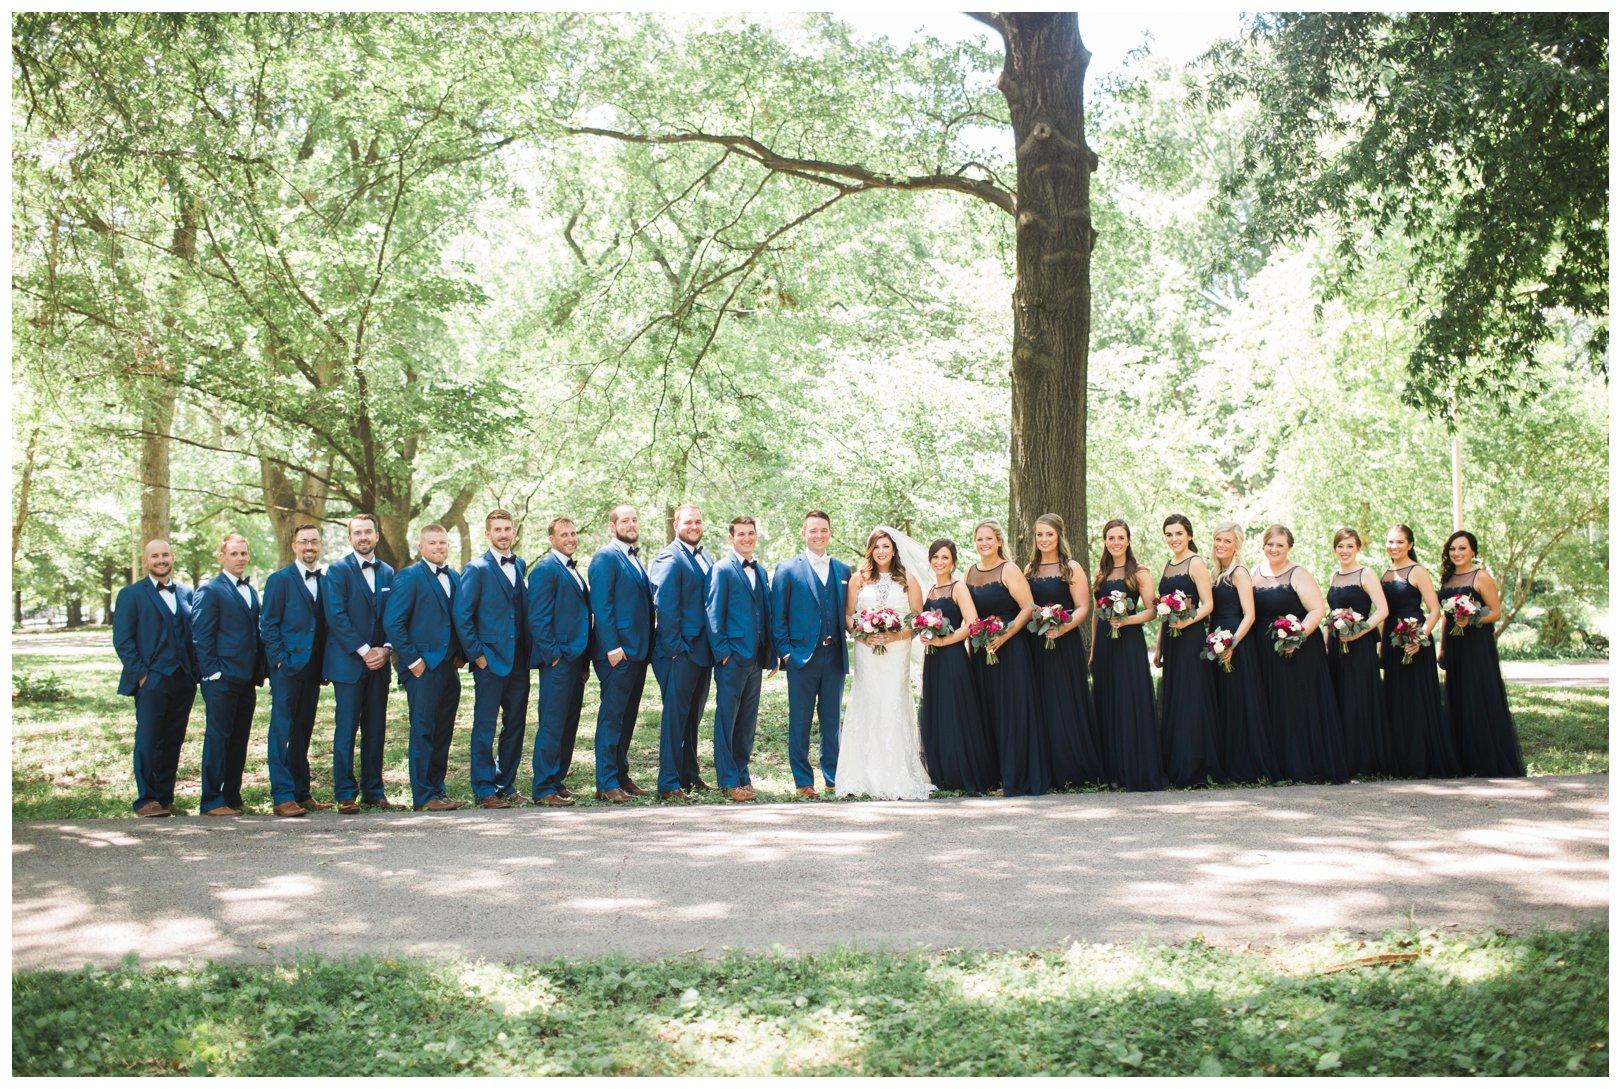 lauren muckler photography_fine art film wedding photography_st louis_photography_1188.jpg